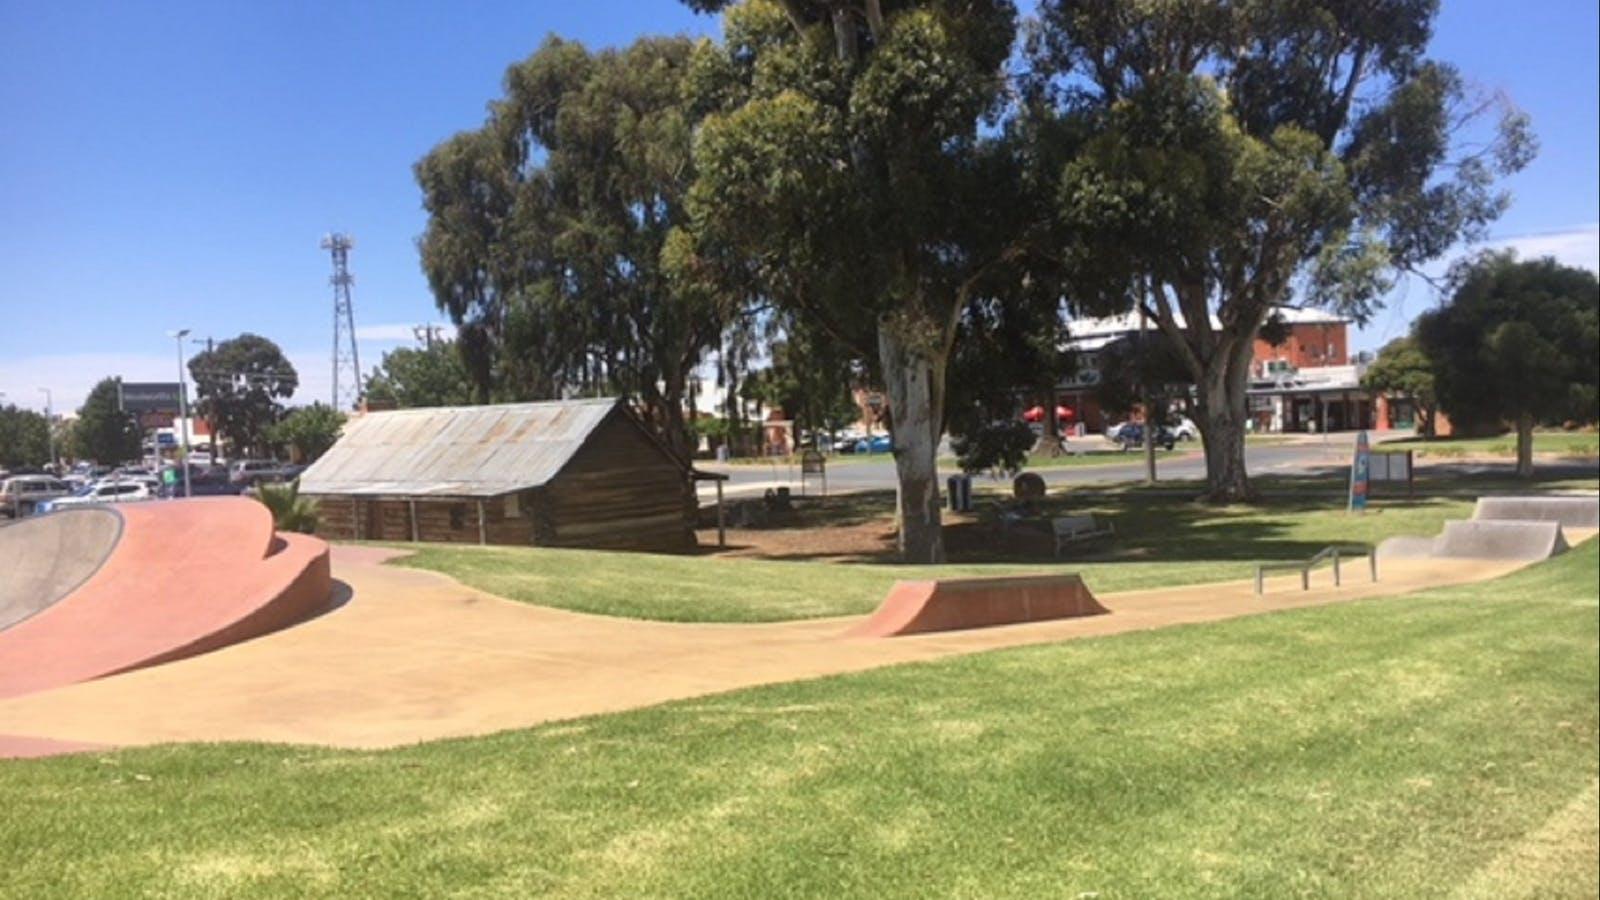 Cobram Skate Park at Federation Park